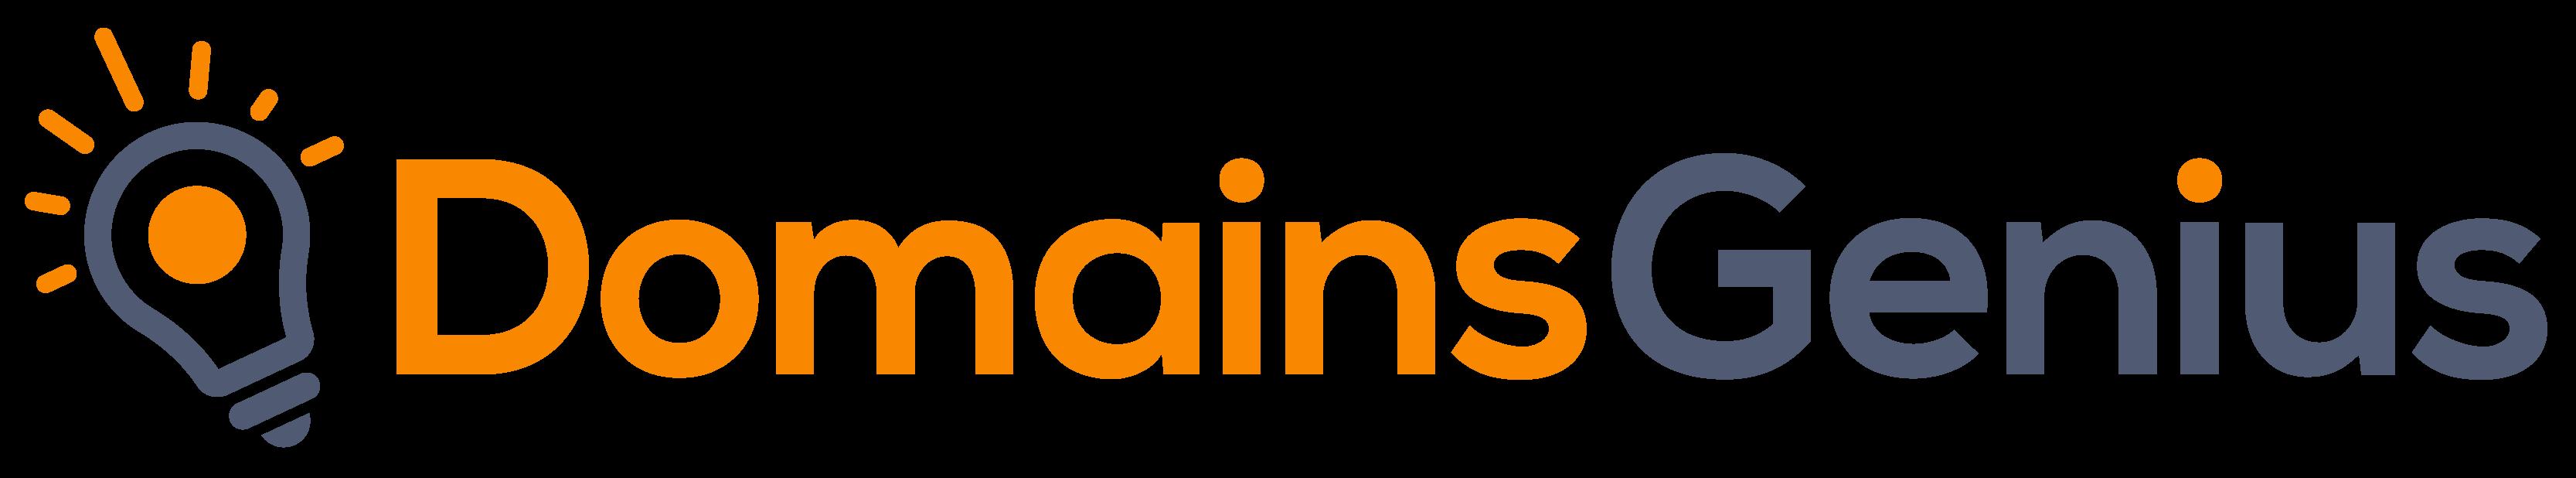 Domains Genius